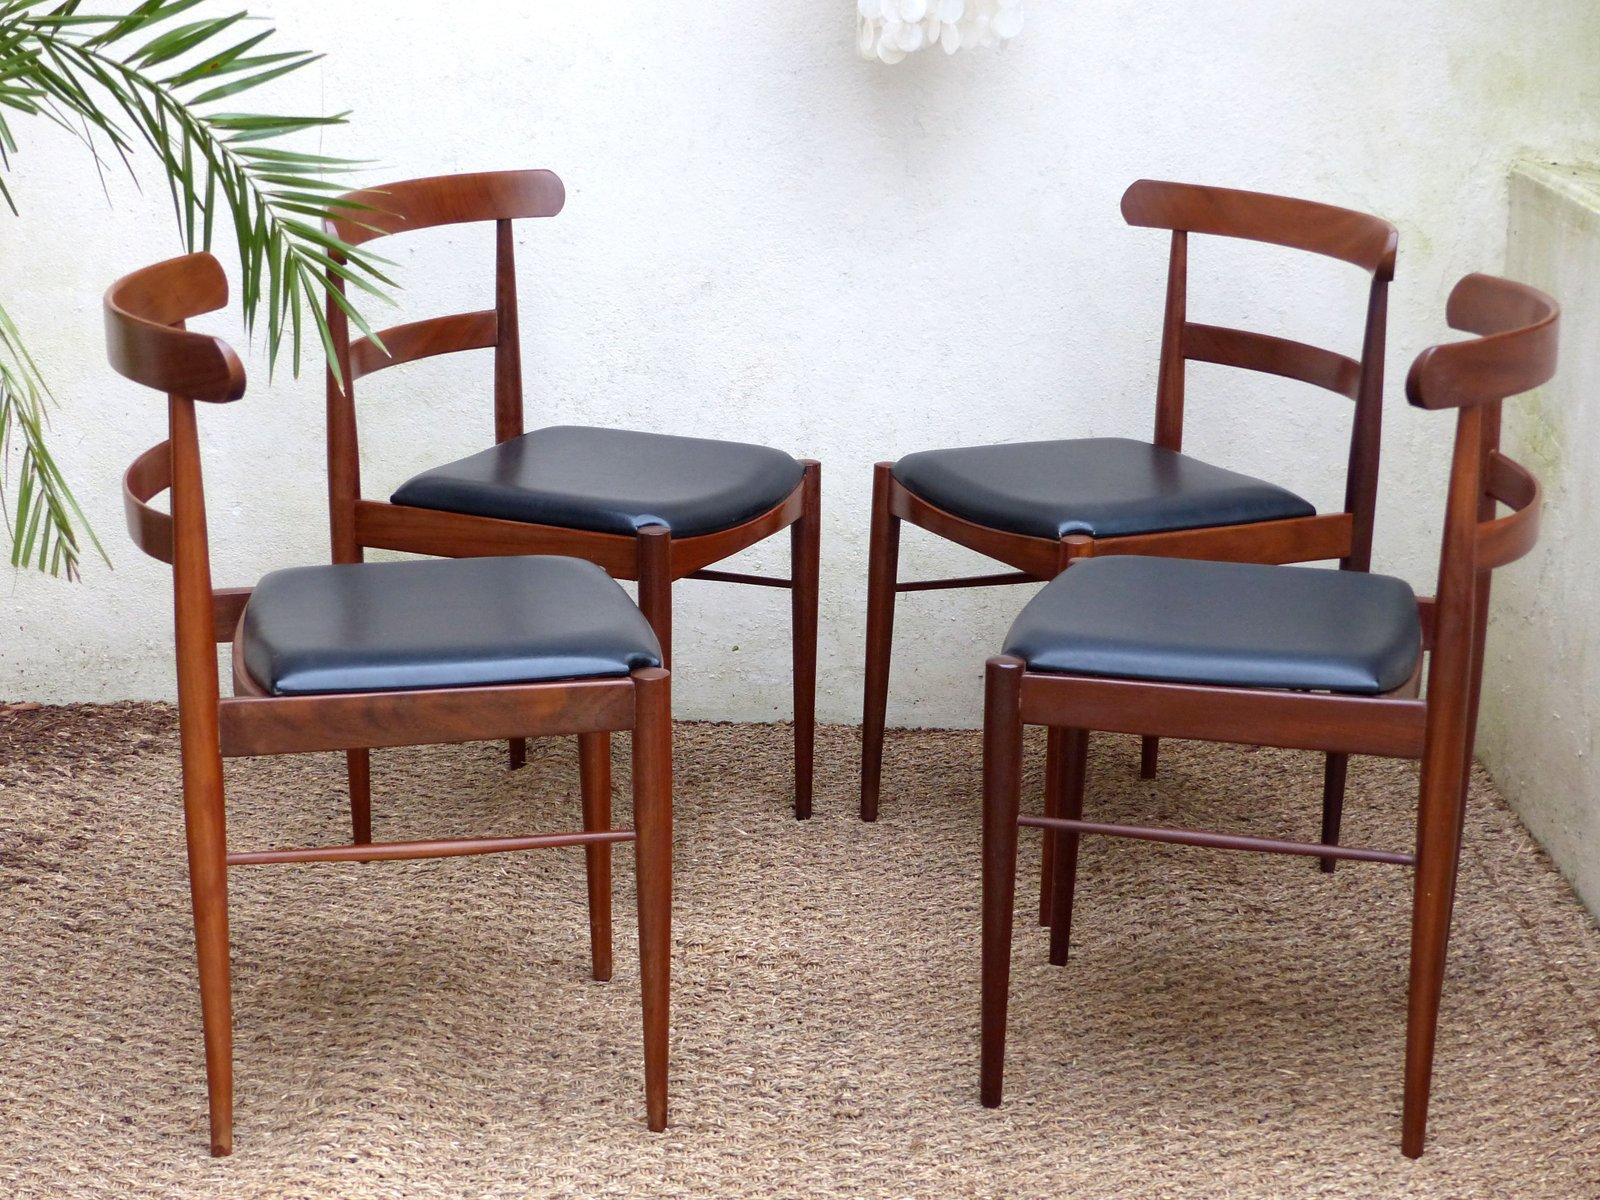 skandinavische palisander st hle 1970er 4er set bei pamono kaufen. Black Bedroom Furniture Sets. Home Design Ideas